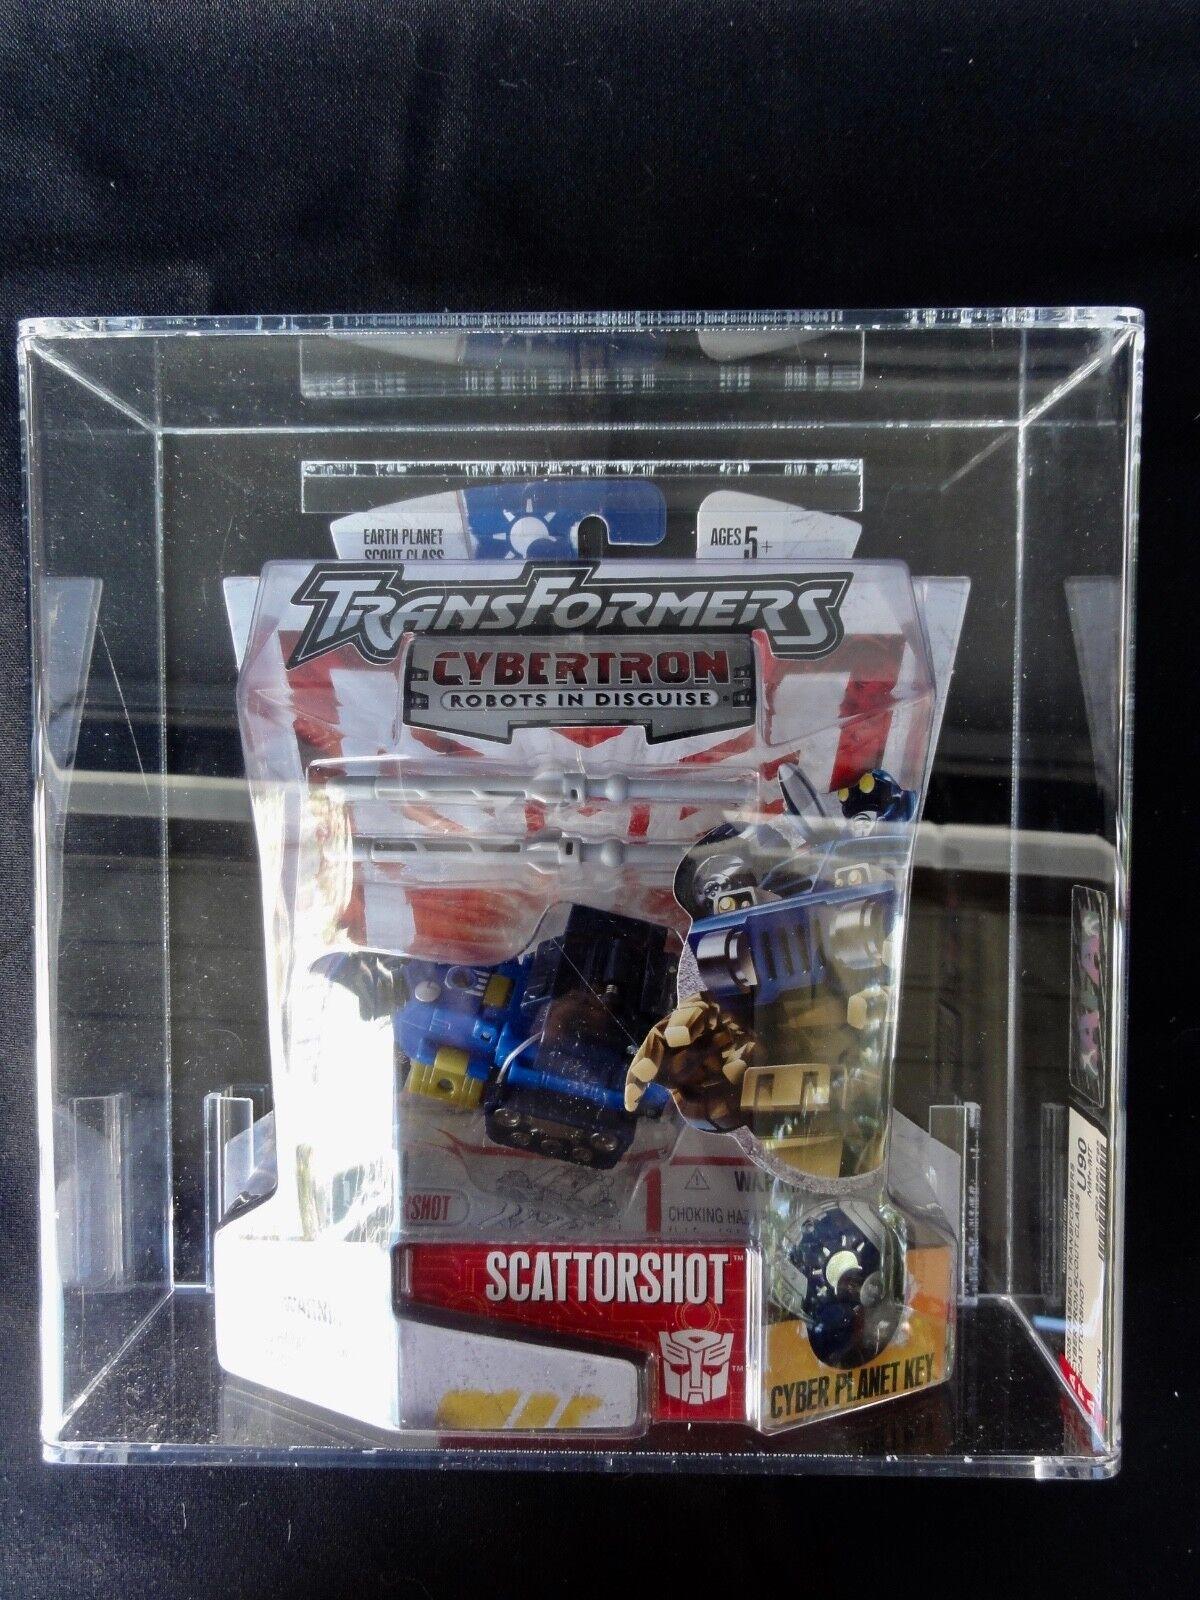 2005 Figura De Acción Transformers autoridad Cybertron Scattorshot Cinta sellado menta en caja sellada caja de menta en caja